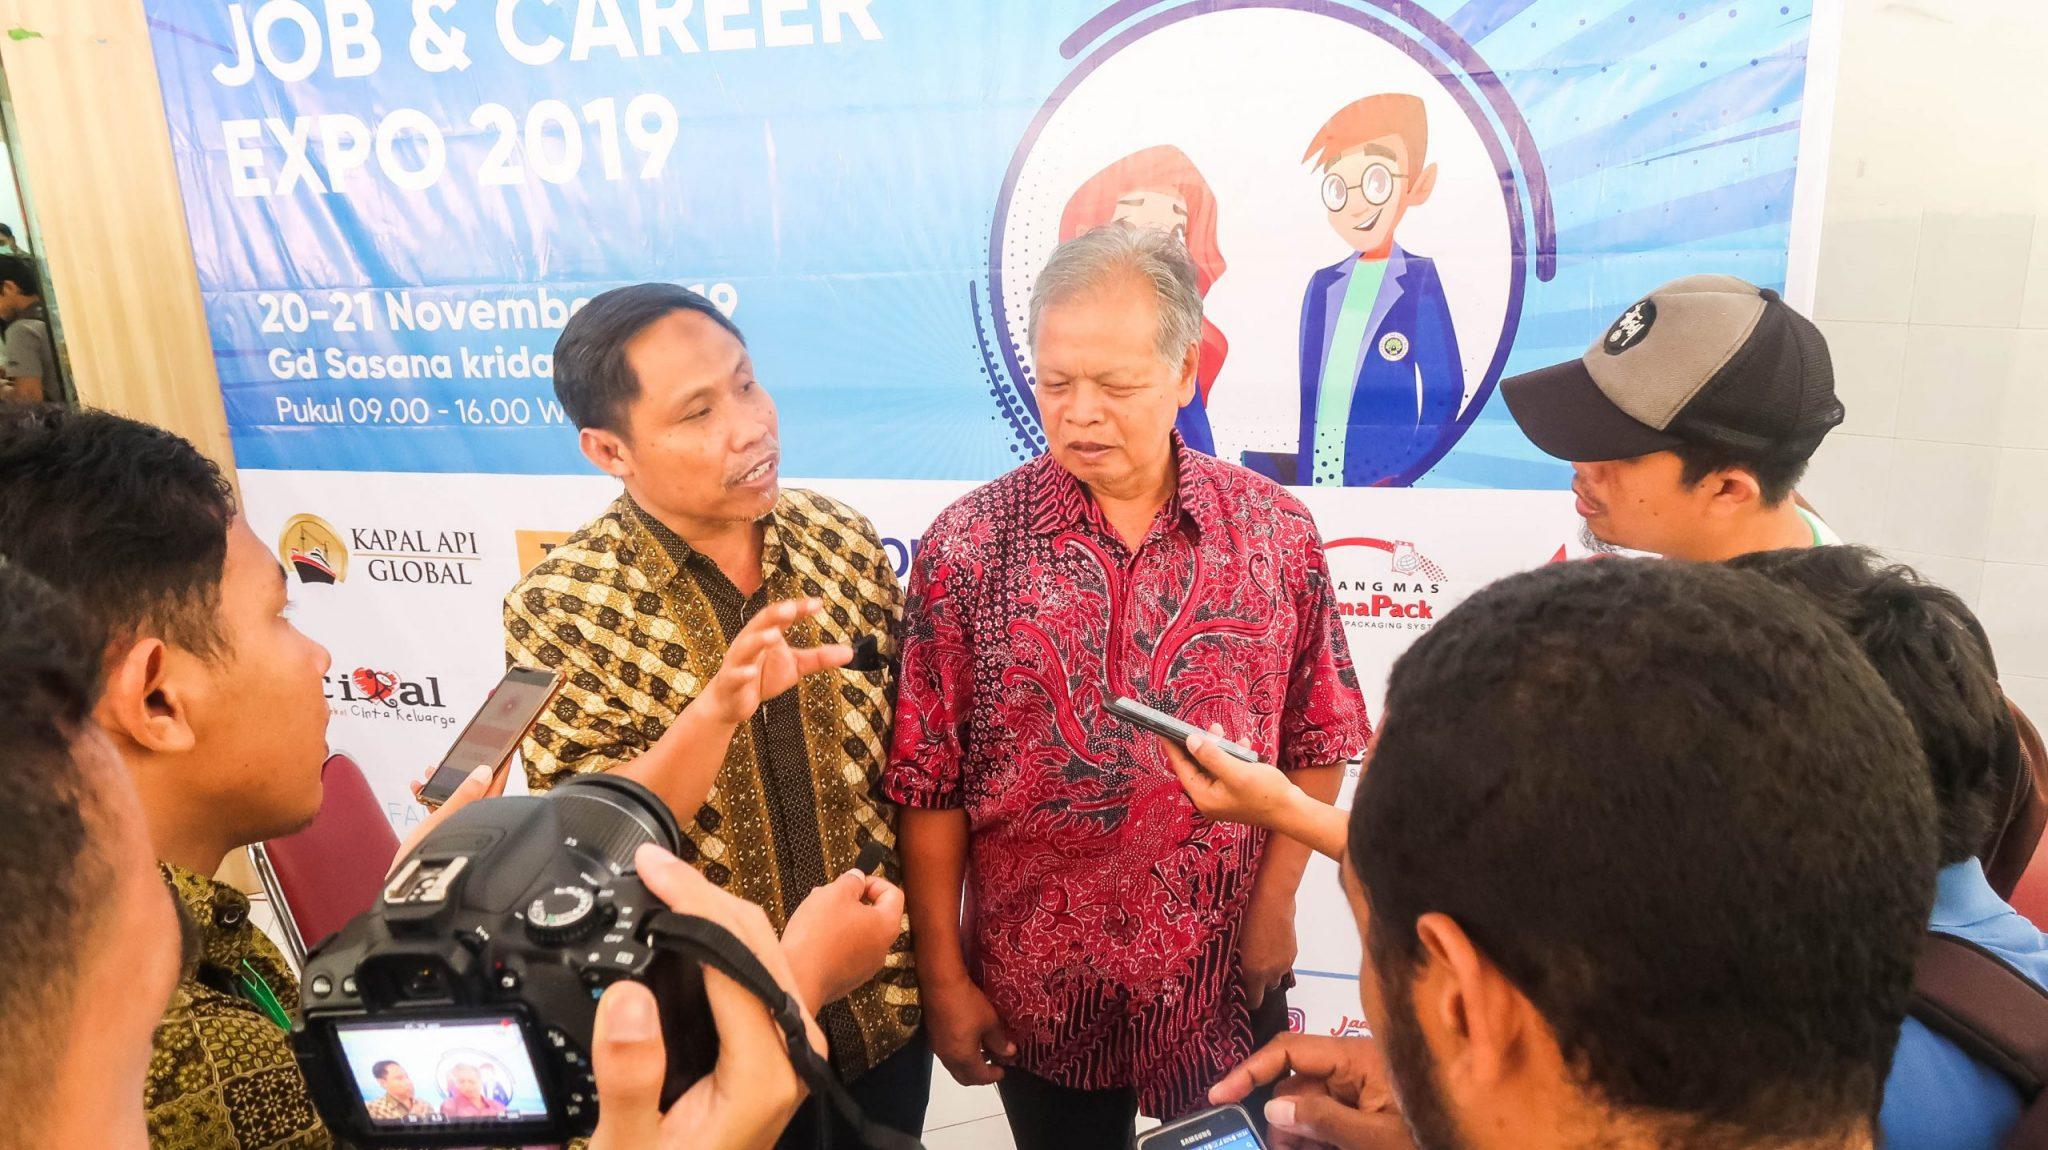 Wawancara IKA UM Job Fair